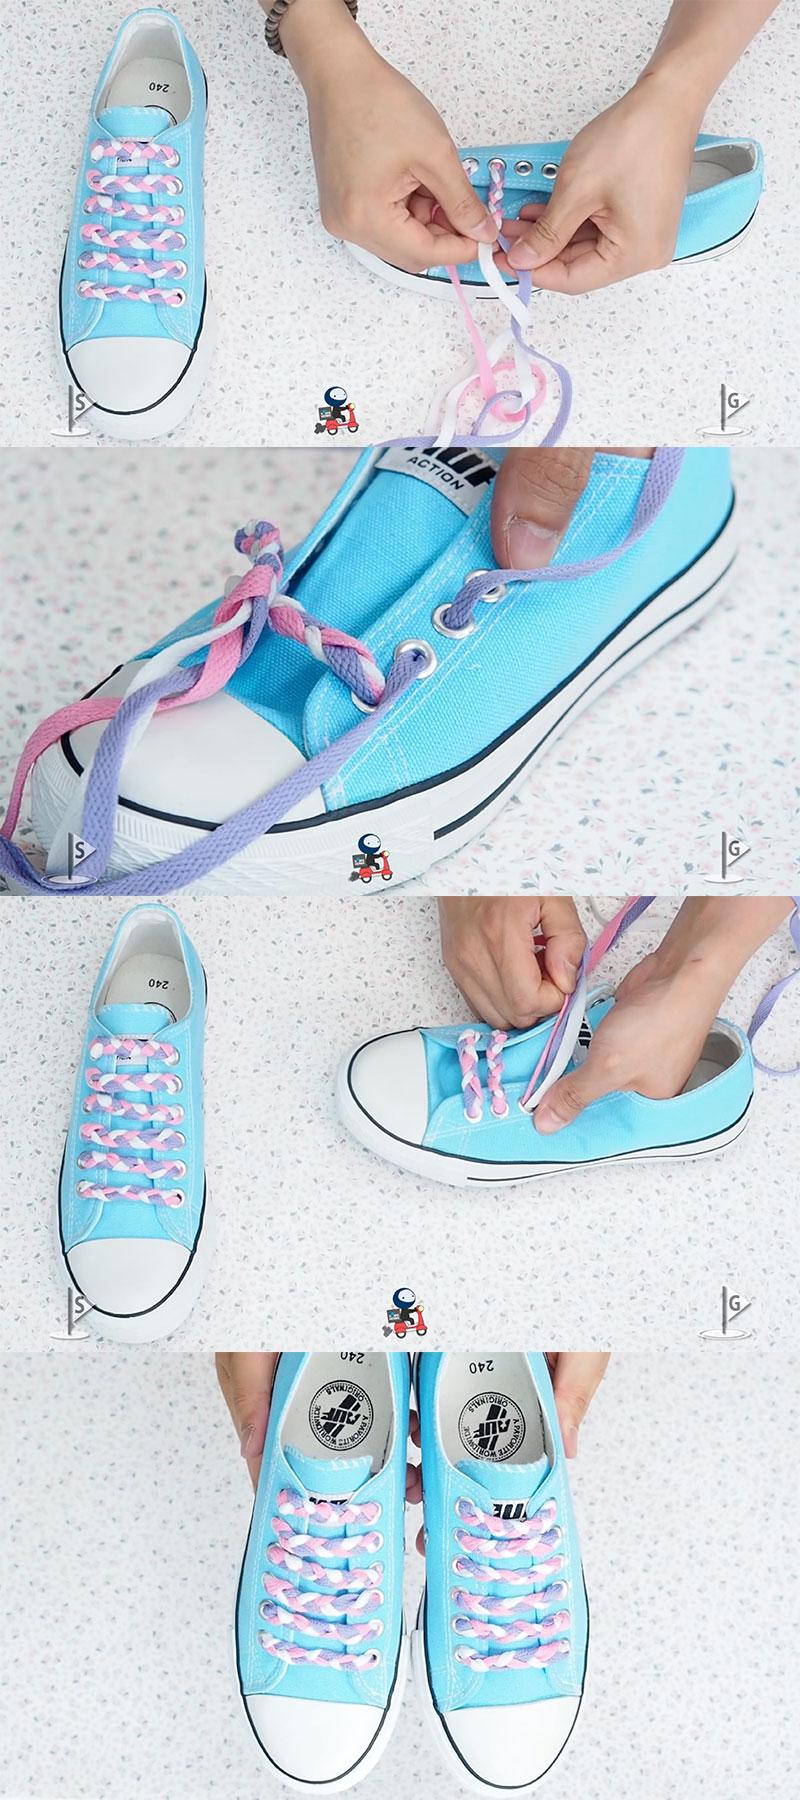 04 shoe laces 03